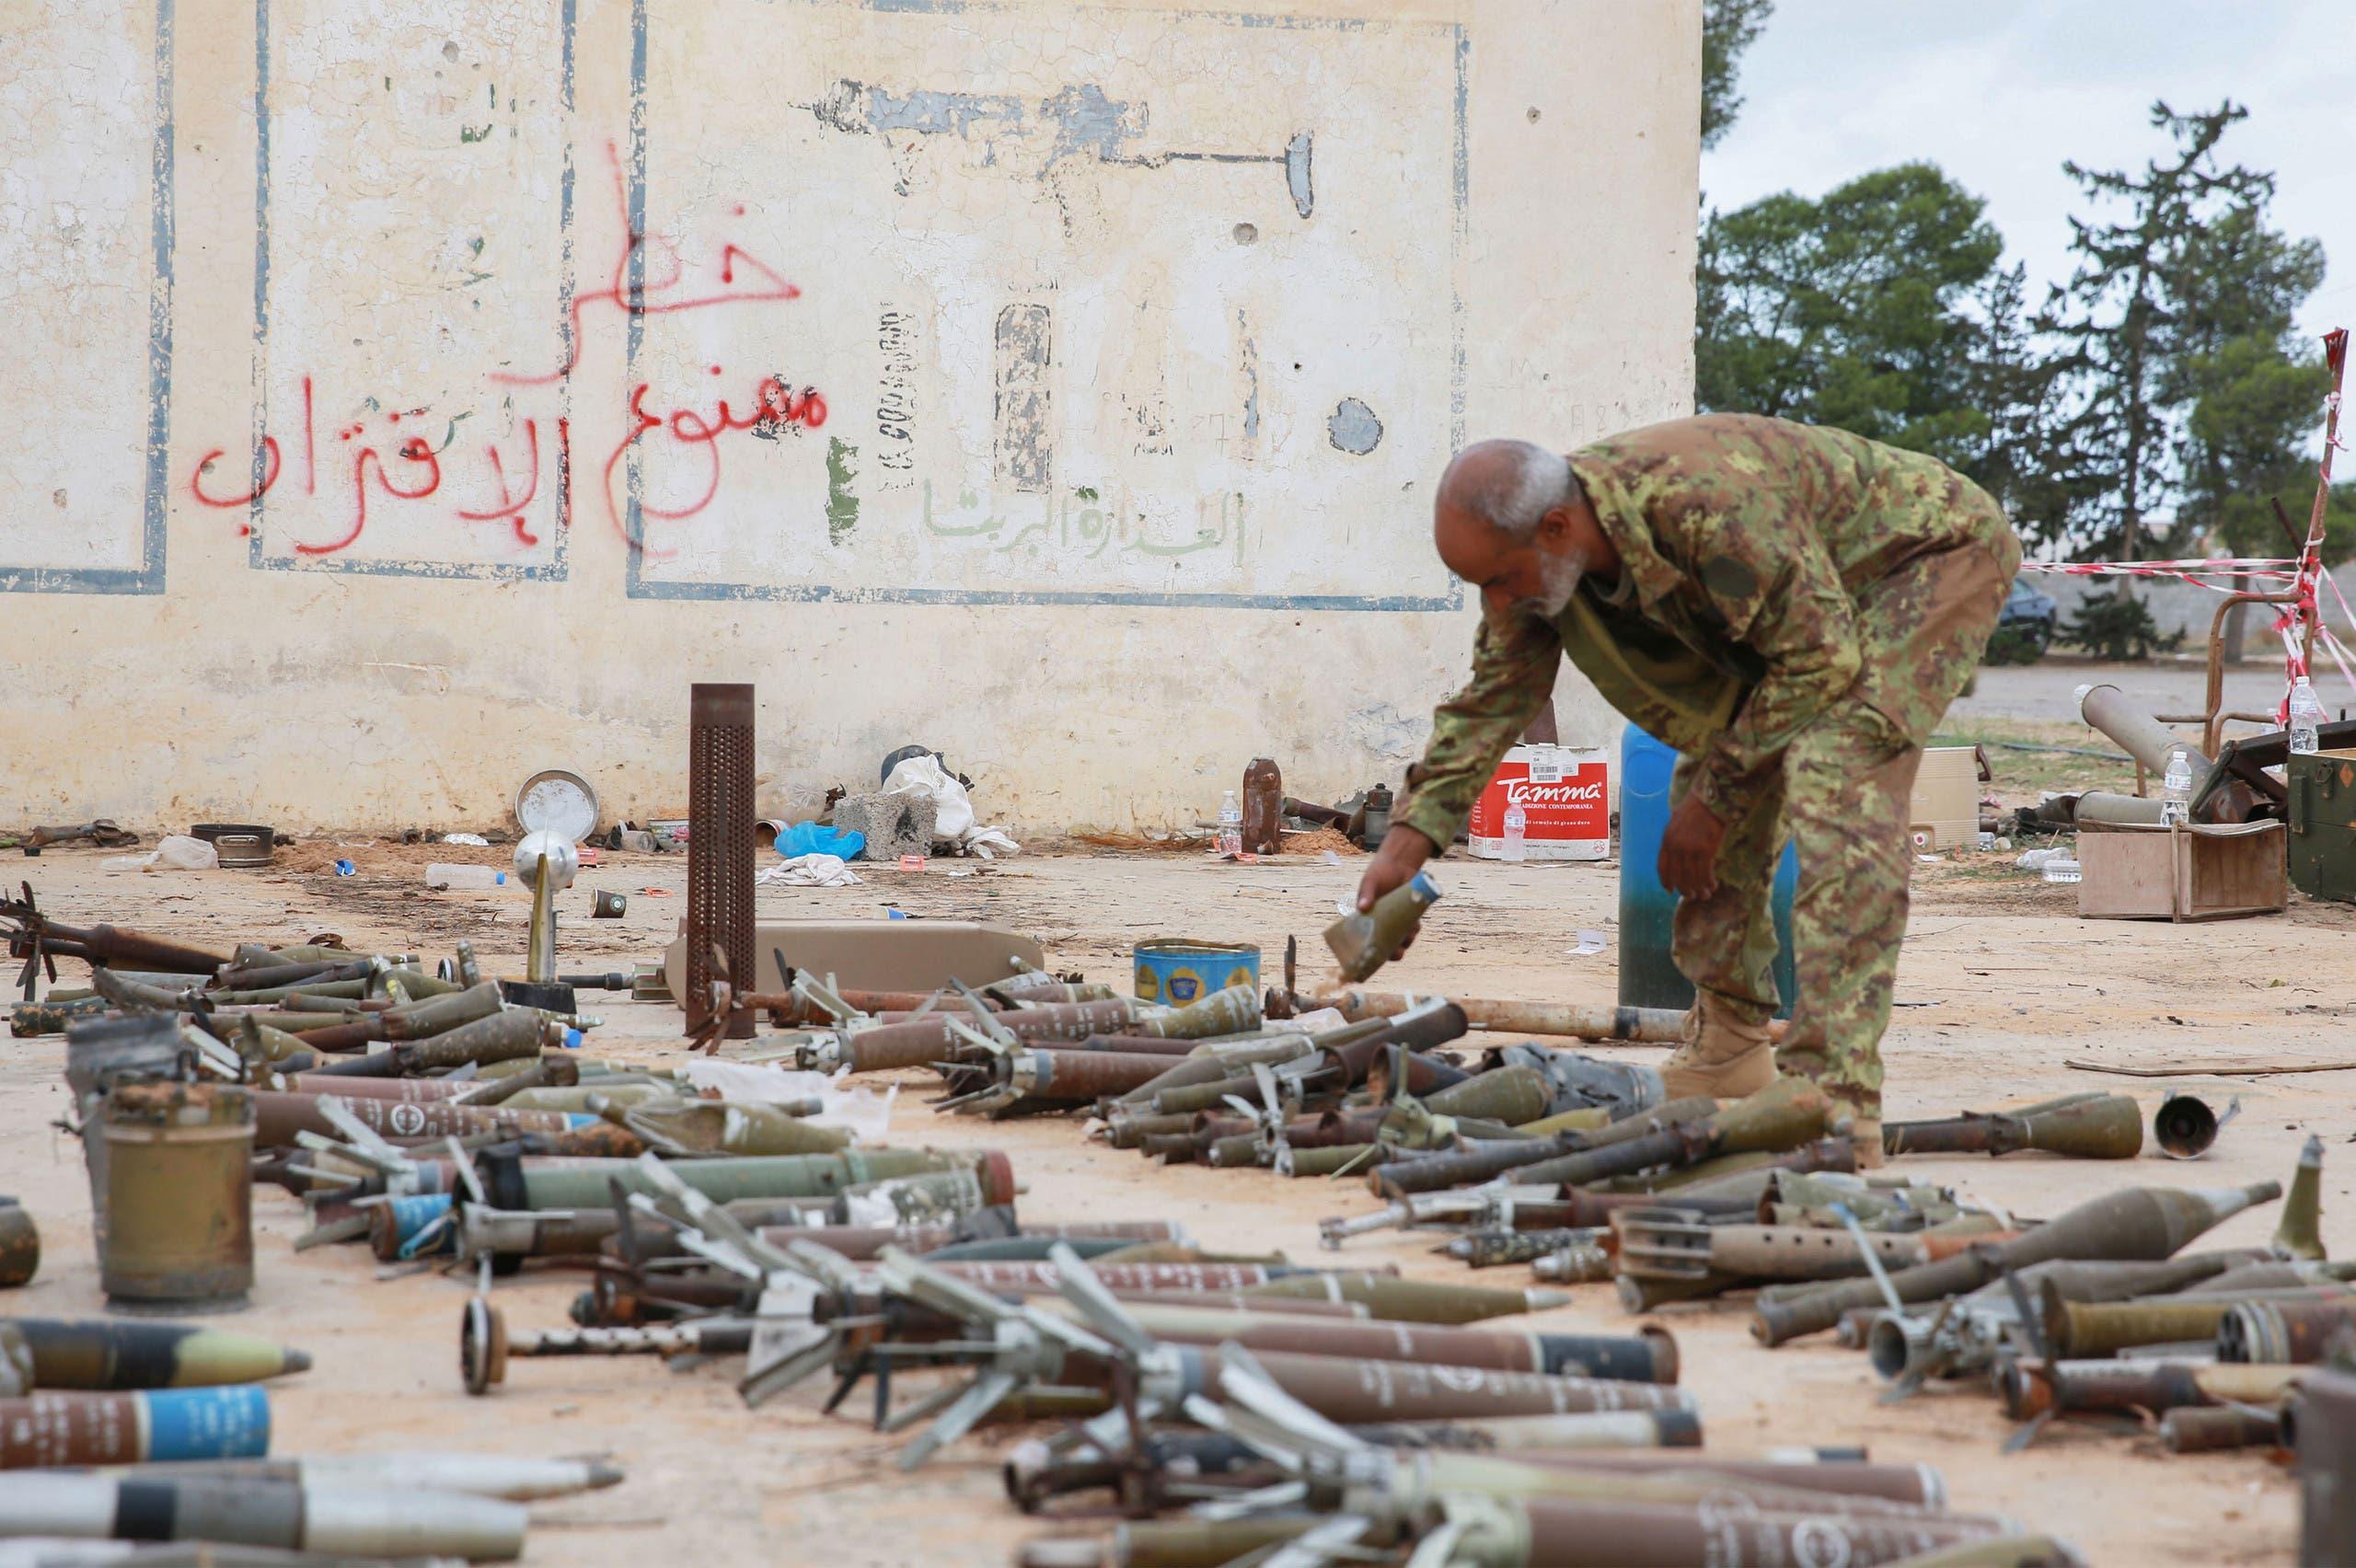 عنصر من قوات الوفاق  في طرابلس (أرشيفية- فرانس برس)